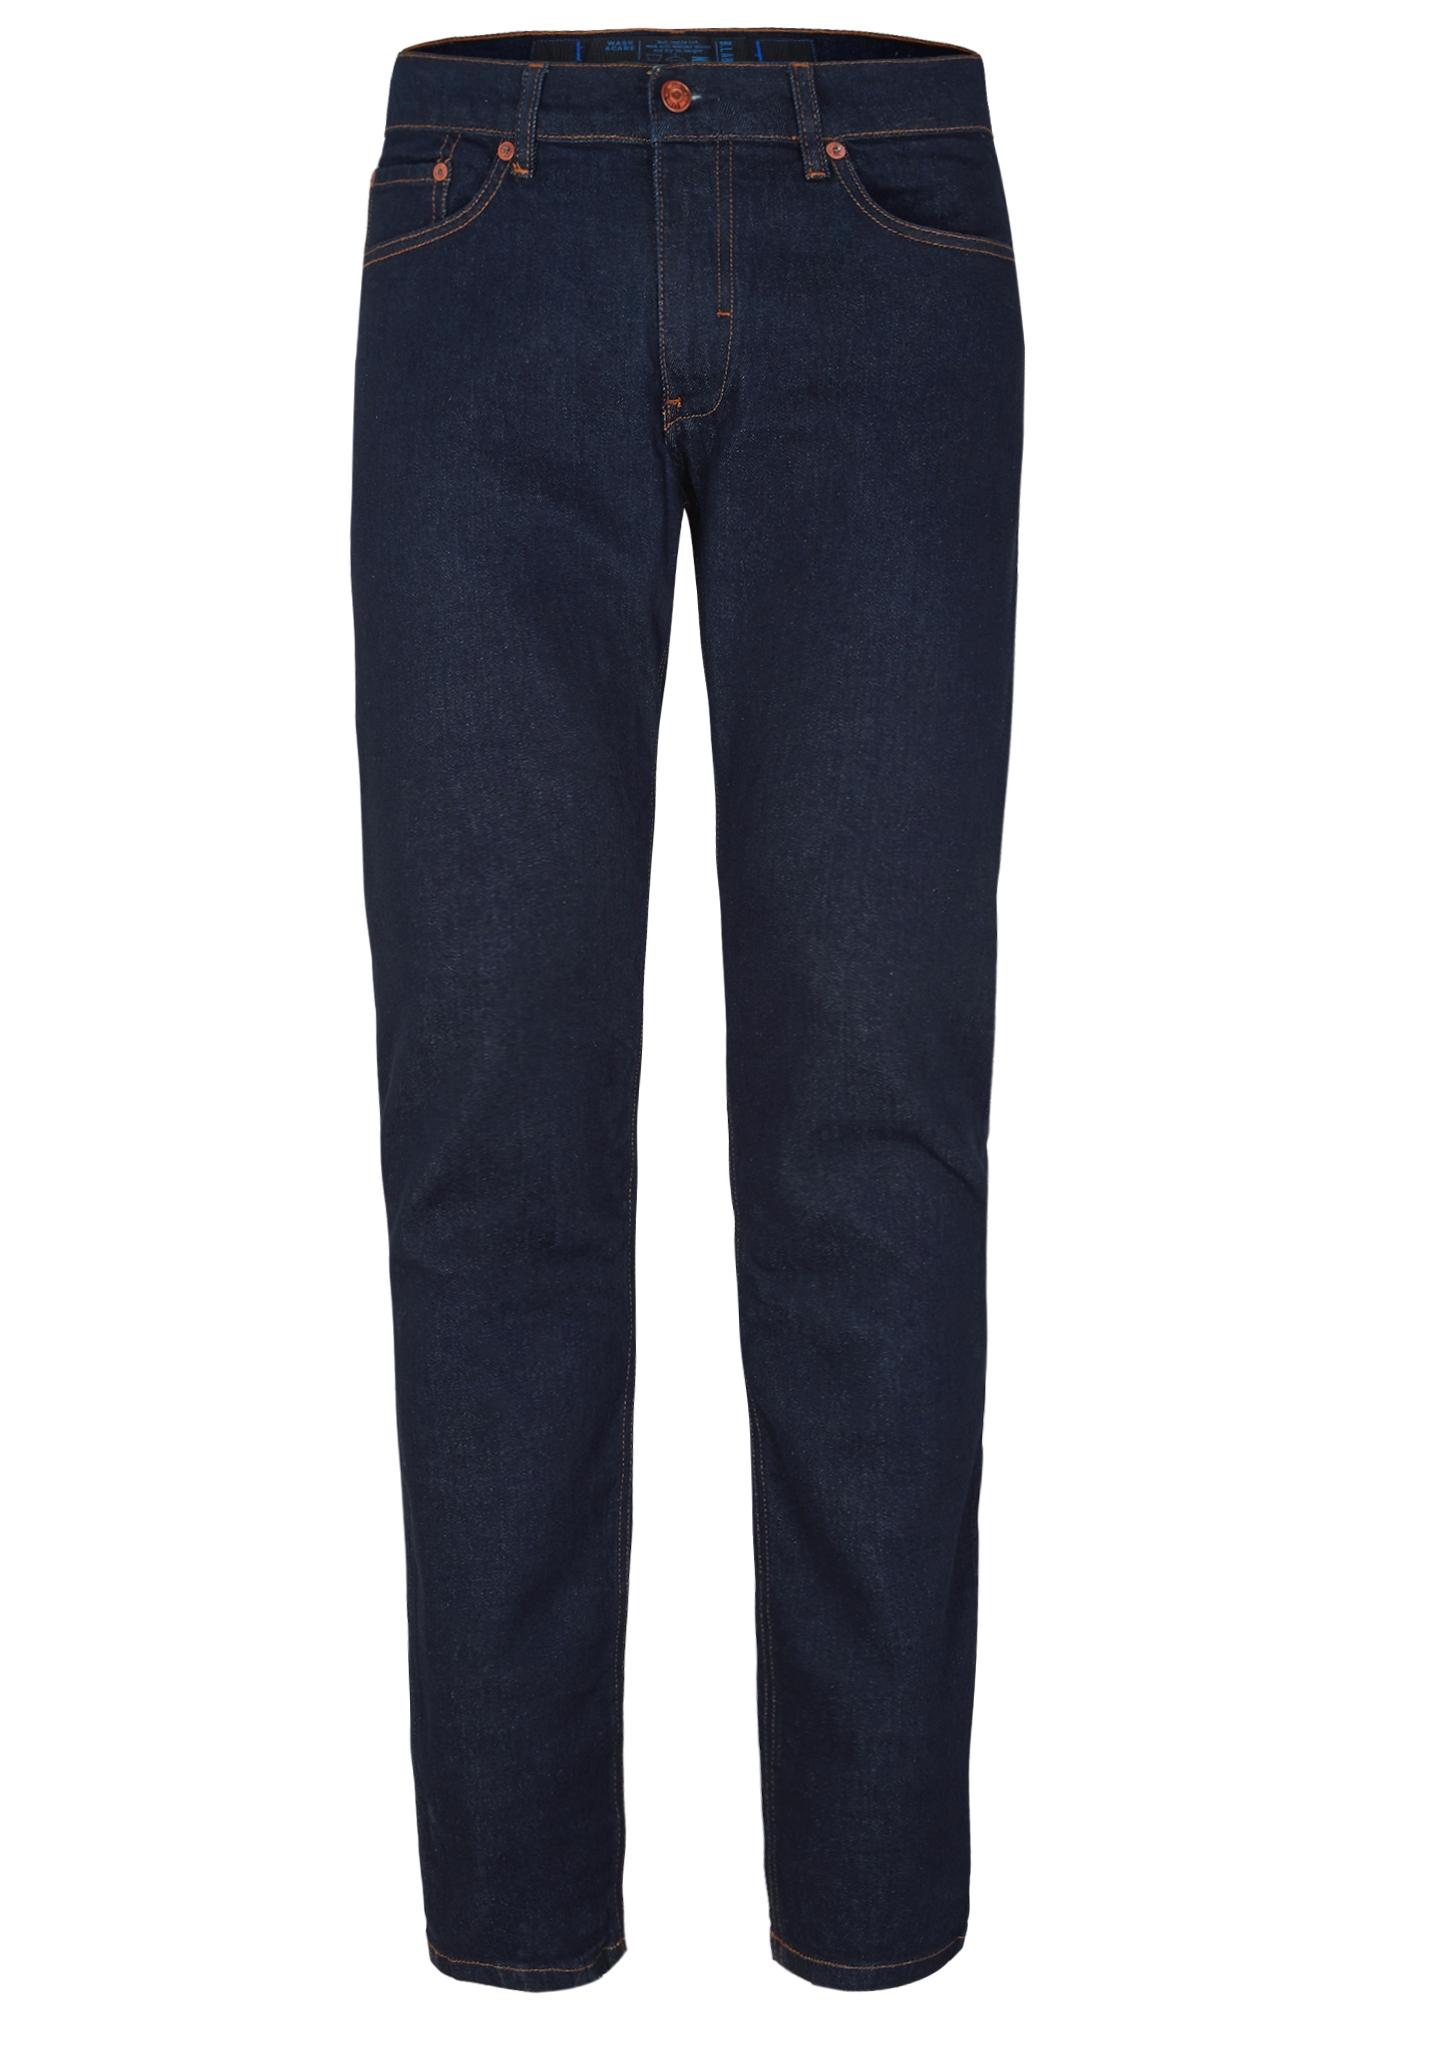 Bluejeans | Bekleidung > Jeans > Sonstige Jeans | Blau | 99% baumwolle -  1% elasthan | s.Oliver BLACK LABEL